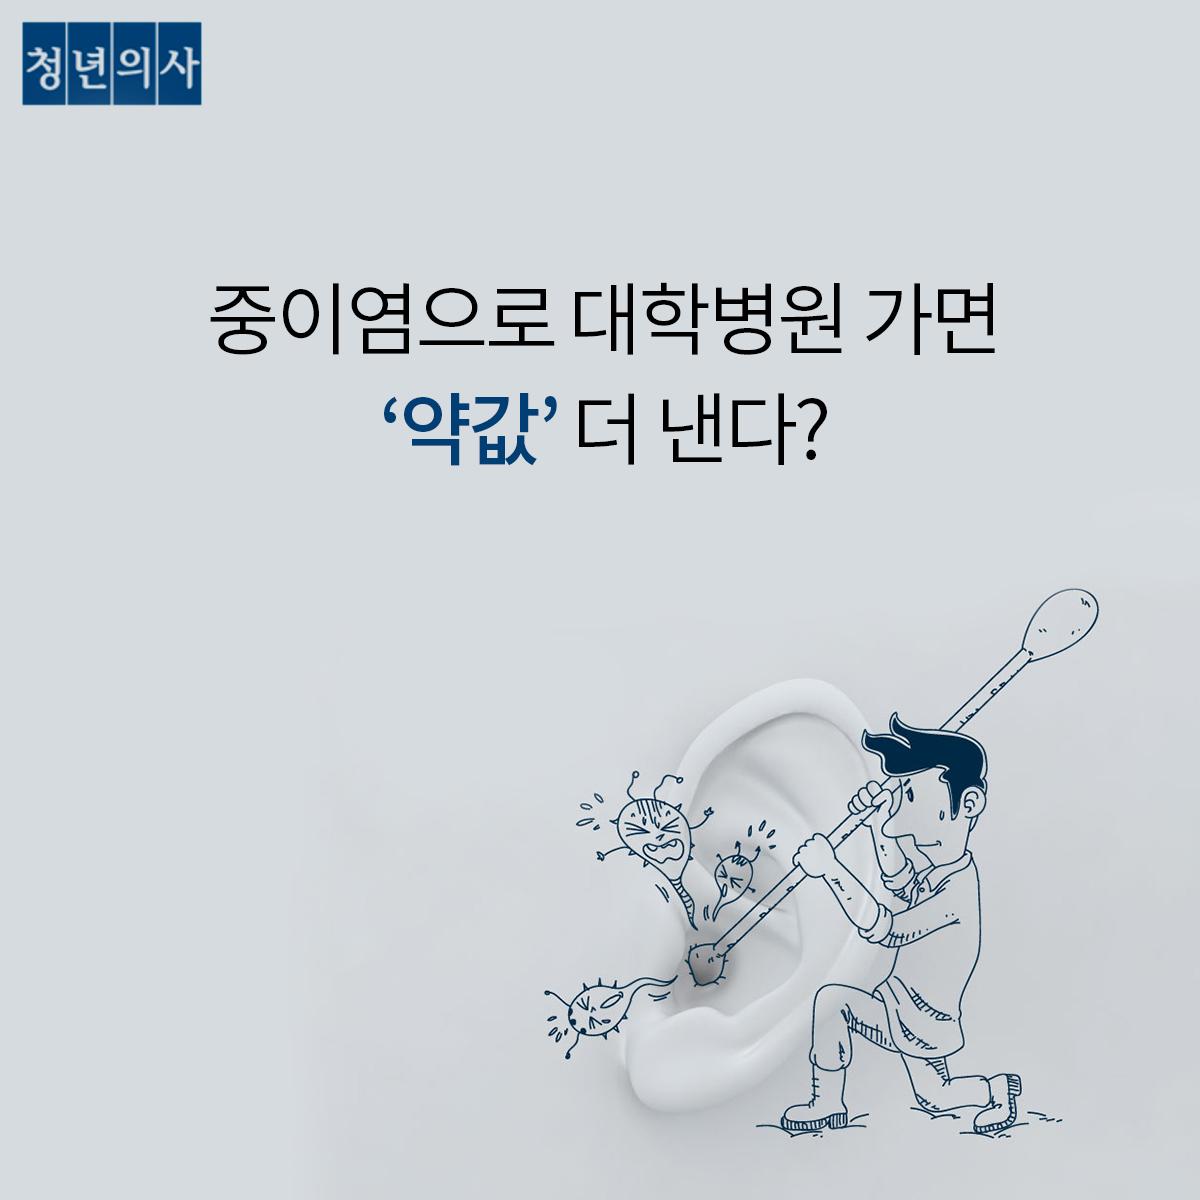 [카드뉴스] 중이염으로 대학병원 가면 '약값' 더 낸다?